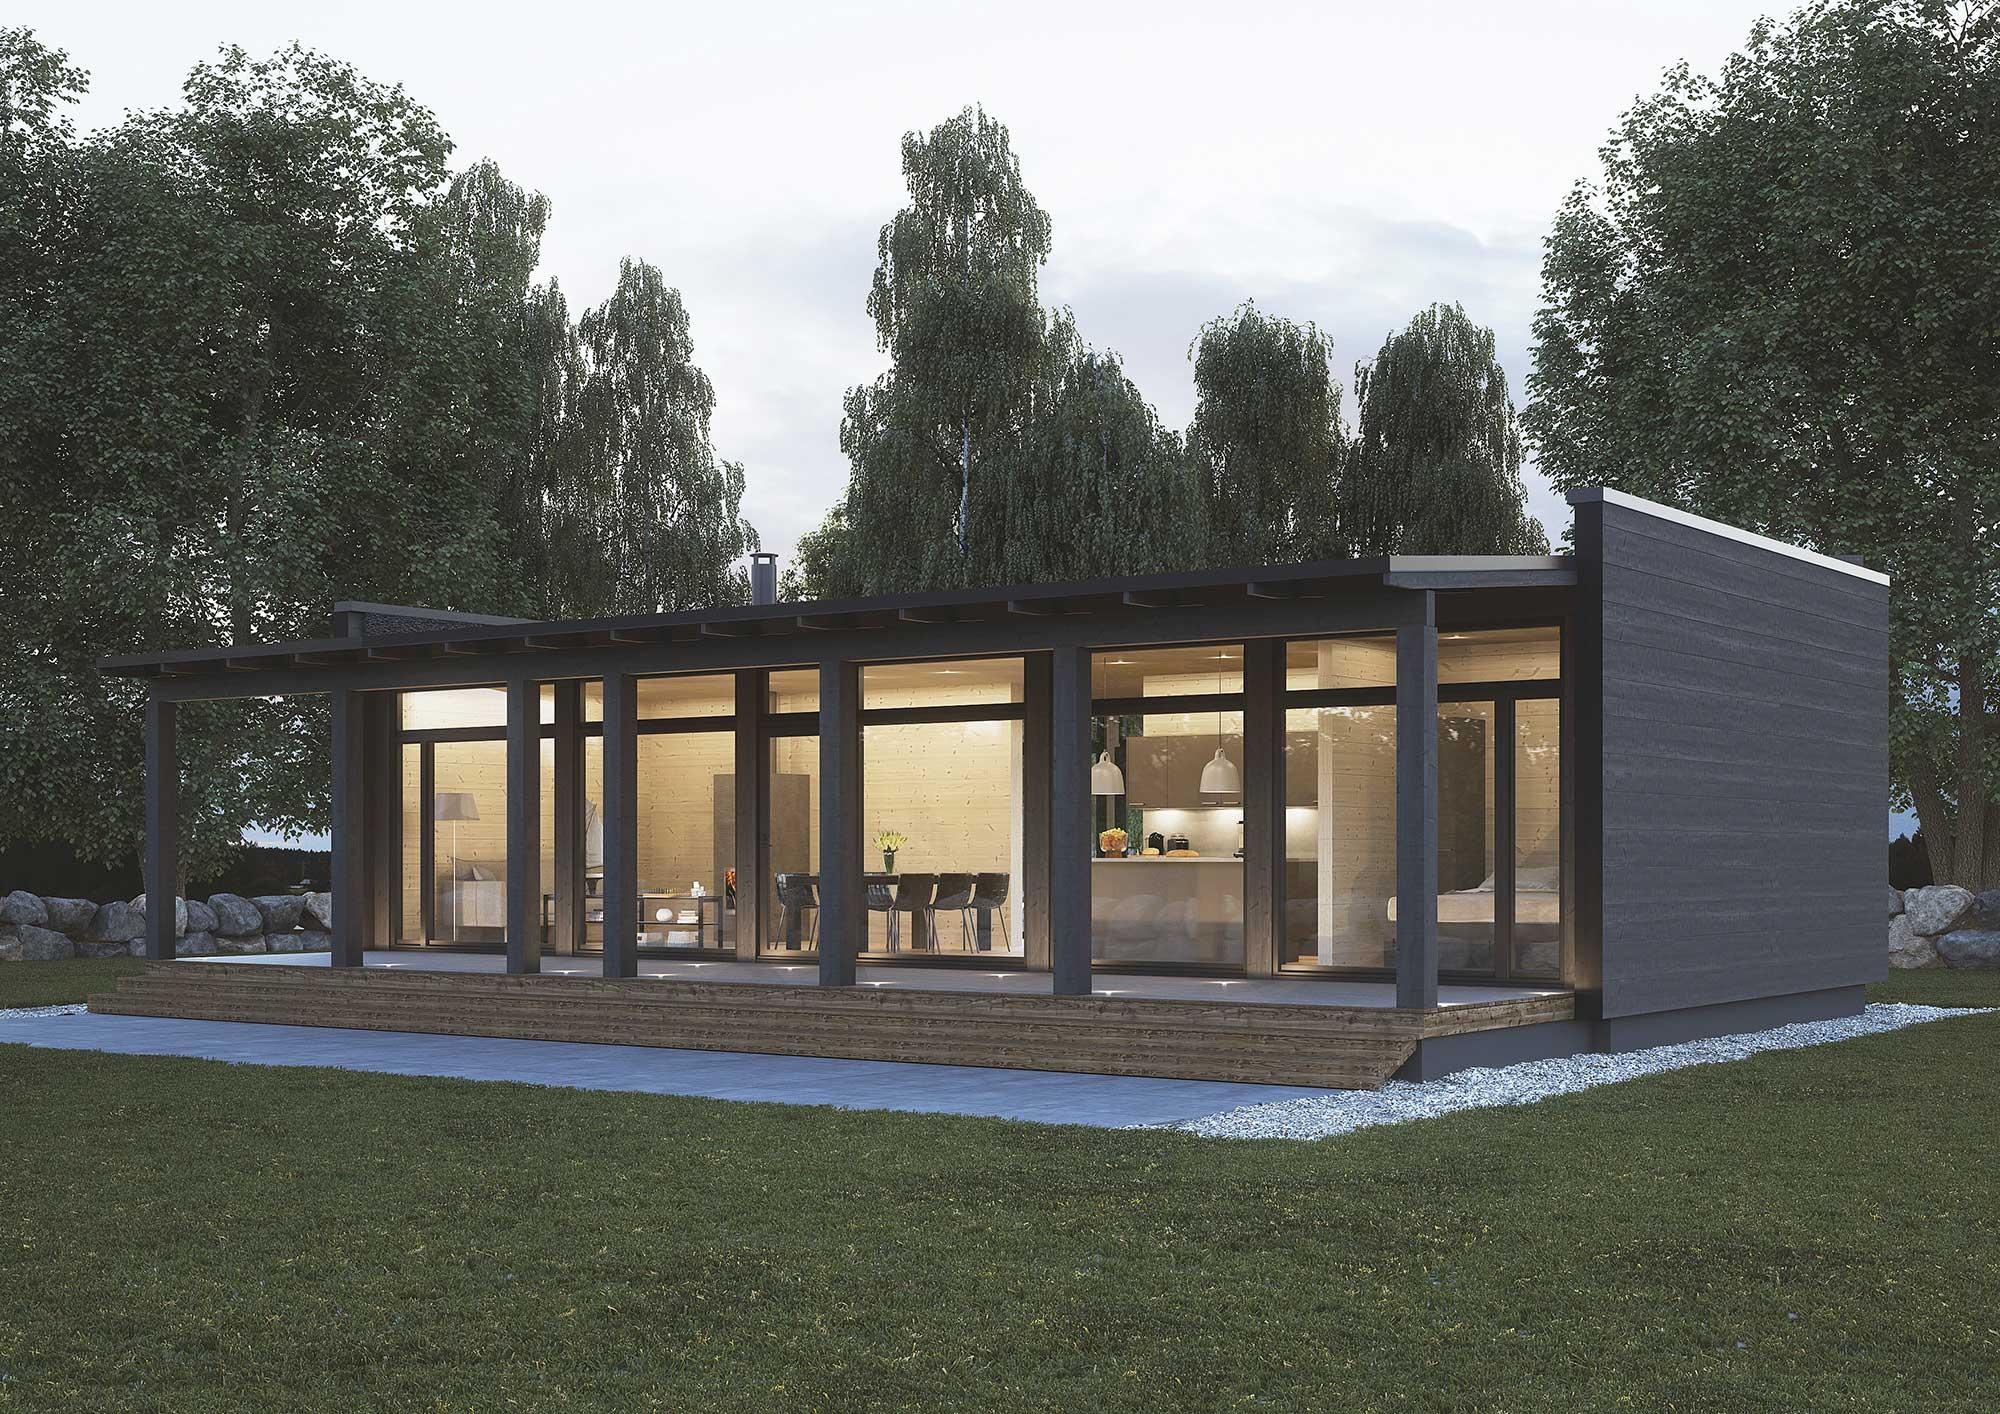 Maison Bois Avis la maison de verre ou glass house kontio - eco maison bois